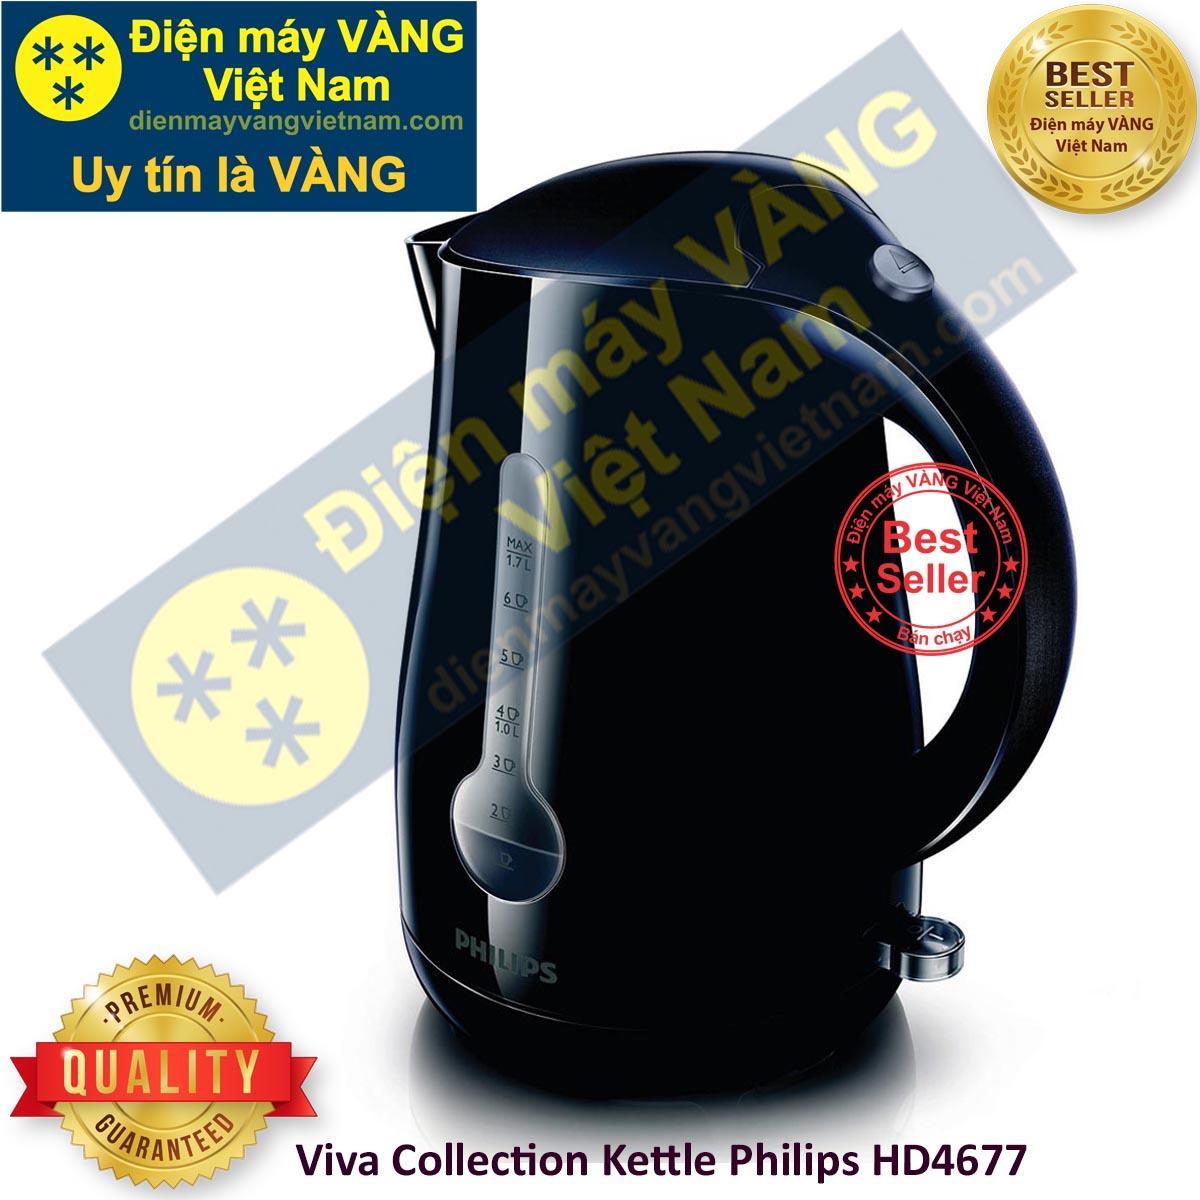 Hình ảnh Ấm siêu tốc Philips HD4677 (Đen) - Hàng nhập khẩu